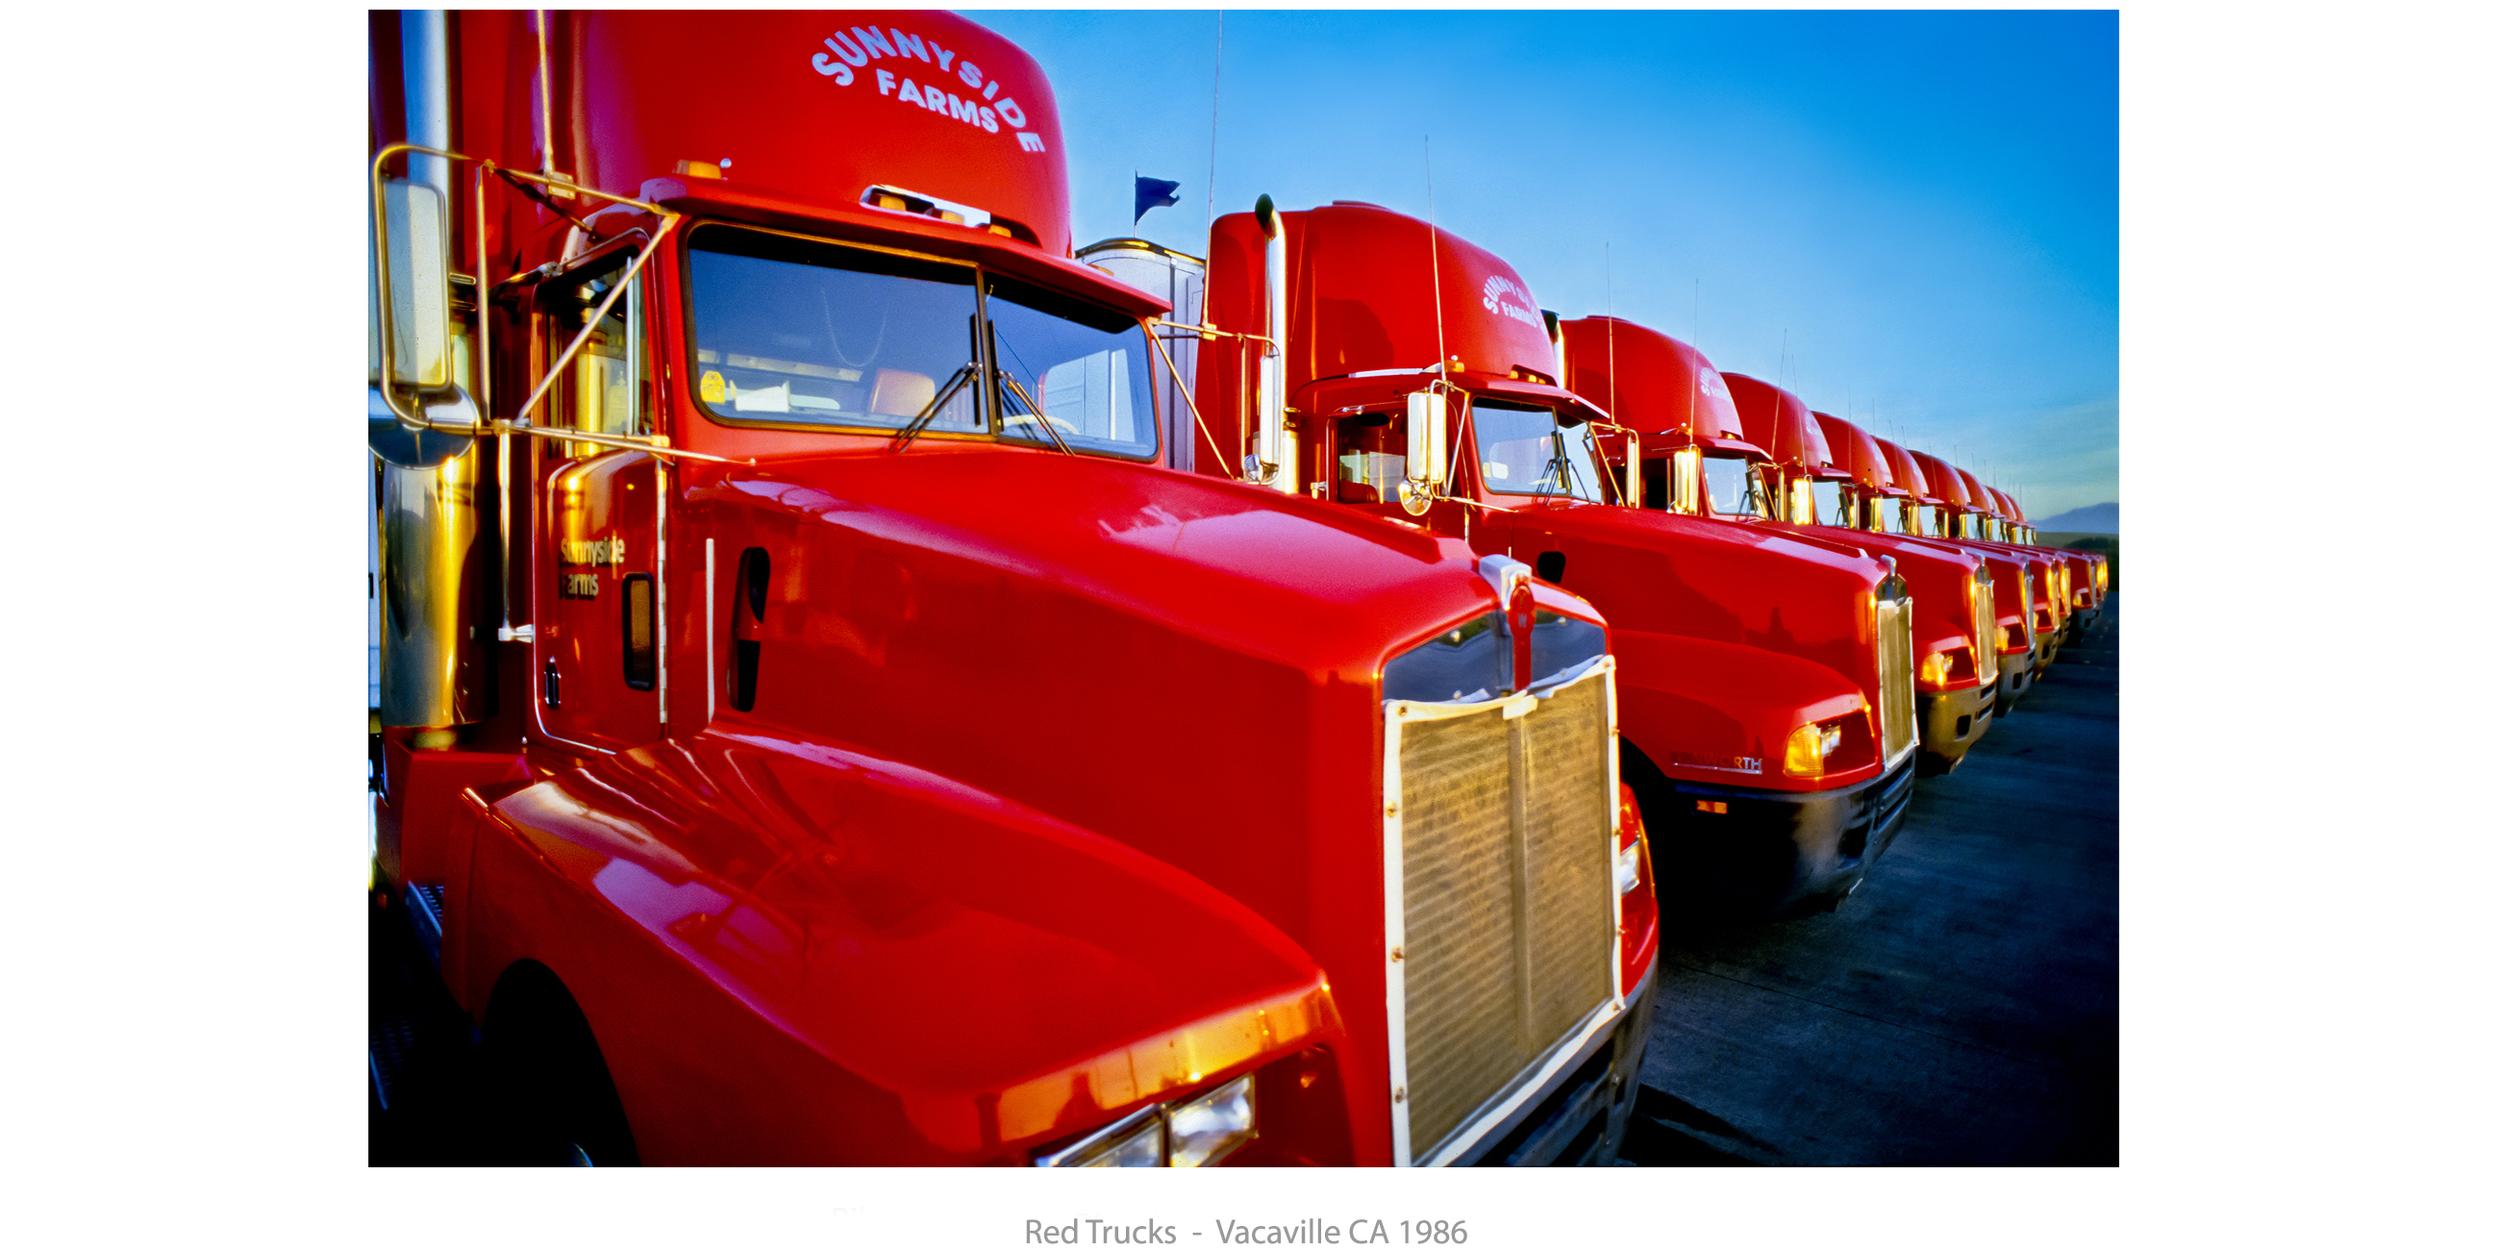 Red_Trucks3.JPG